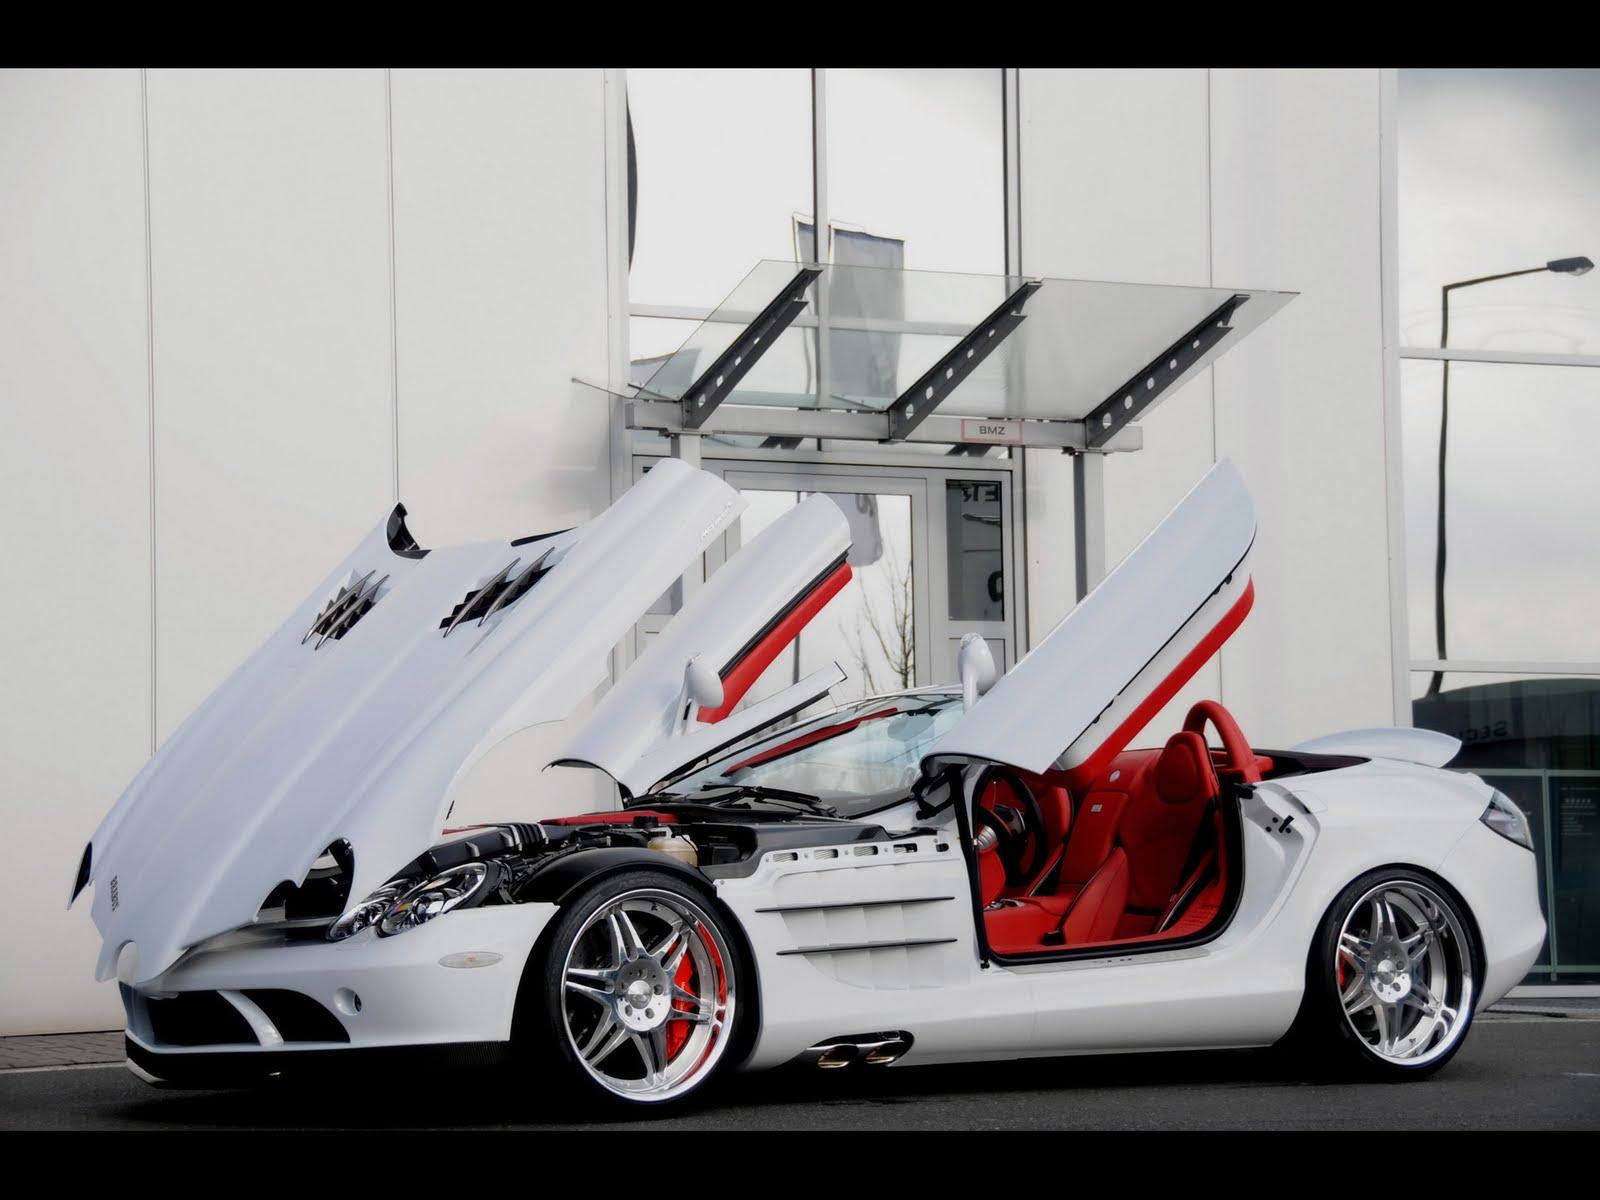 mercedes benz slr mclaren 2008-brabus-mercedes-benz-slr-mclaren-roadster-and-brabus-smart-ultimate-112-tender-package-slr-mclaren-side-angle-open-doors-and-hood-1920x1440